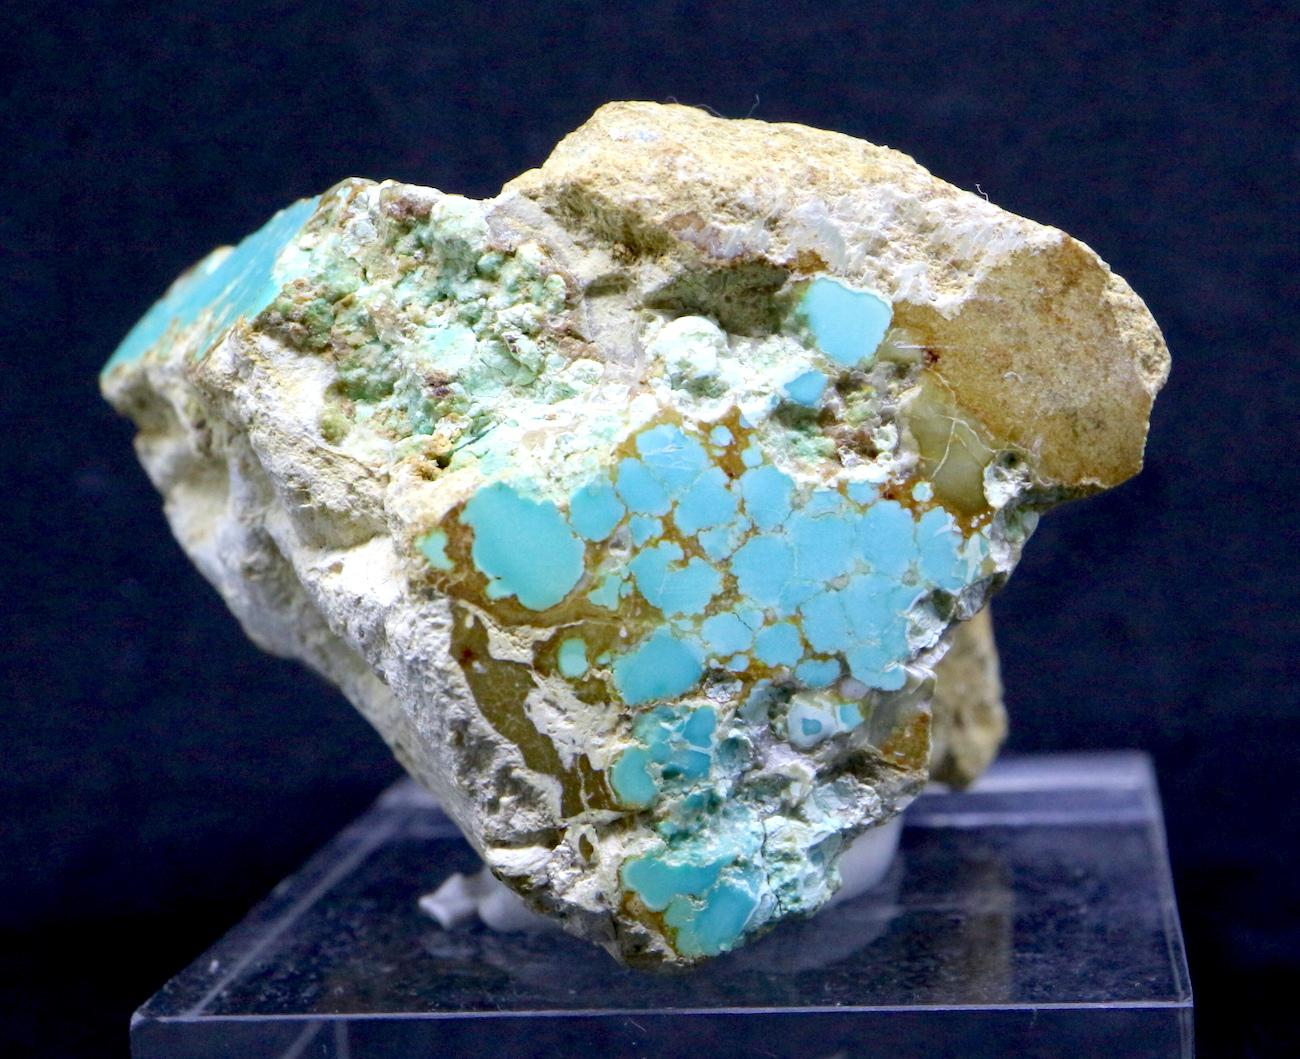 ロイストン ターコイズ トルコ石 ネバタ州産 原石 107,1g TQ142 鉱物 天然石 パワーストーン